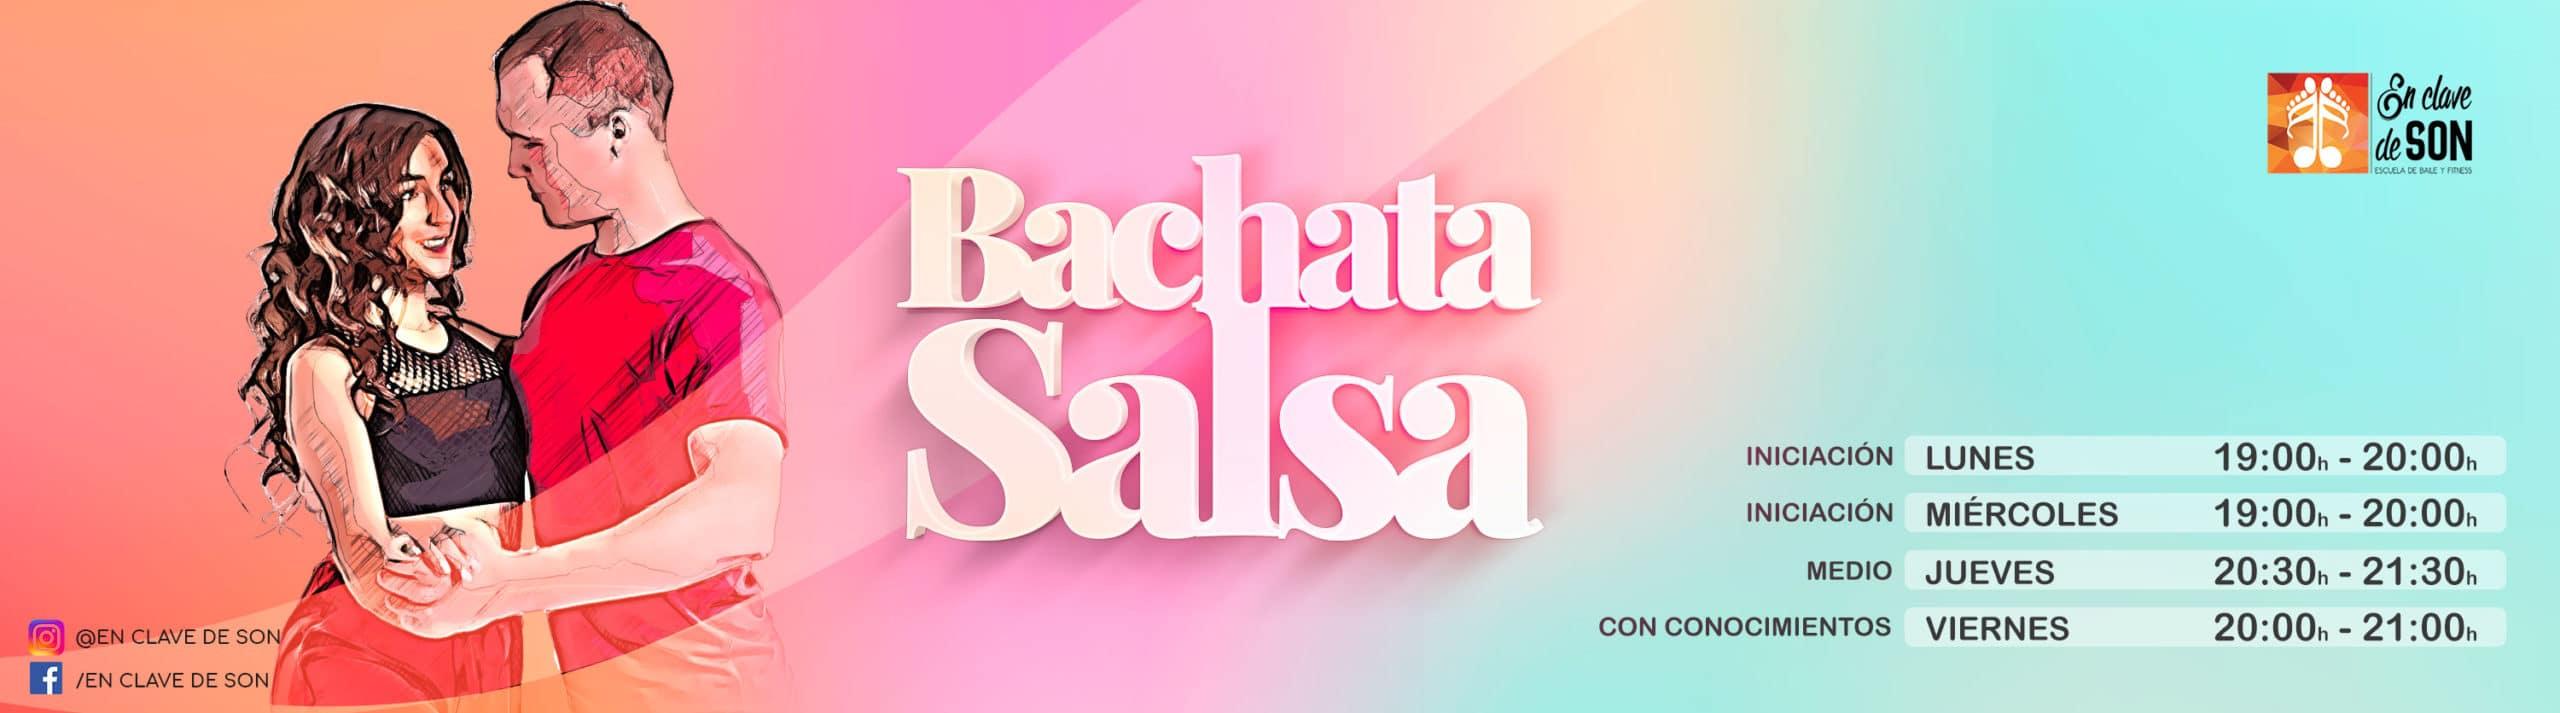 banner-bachata